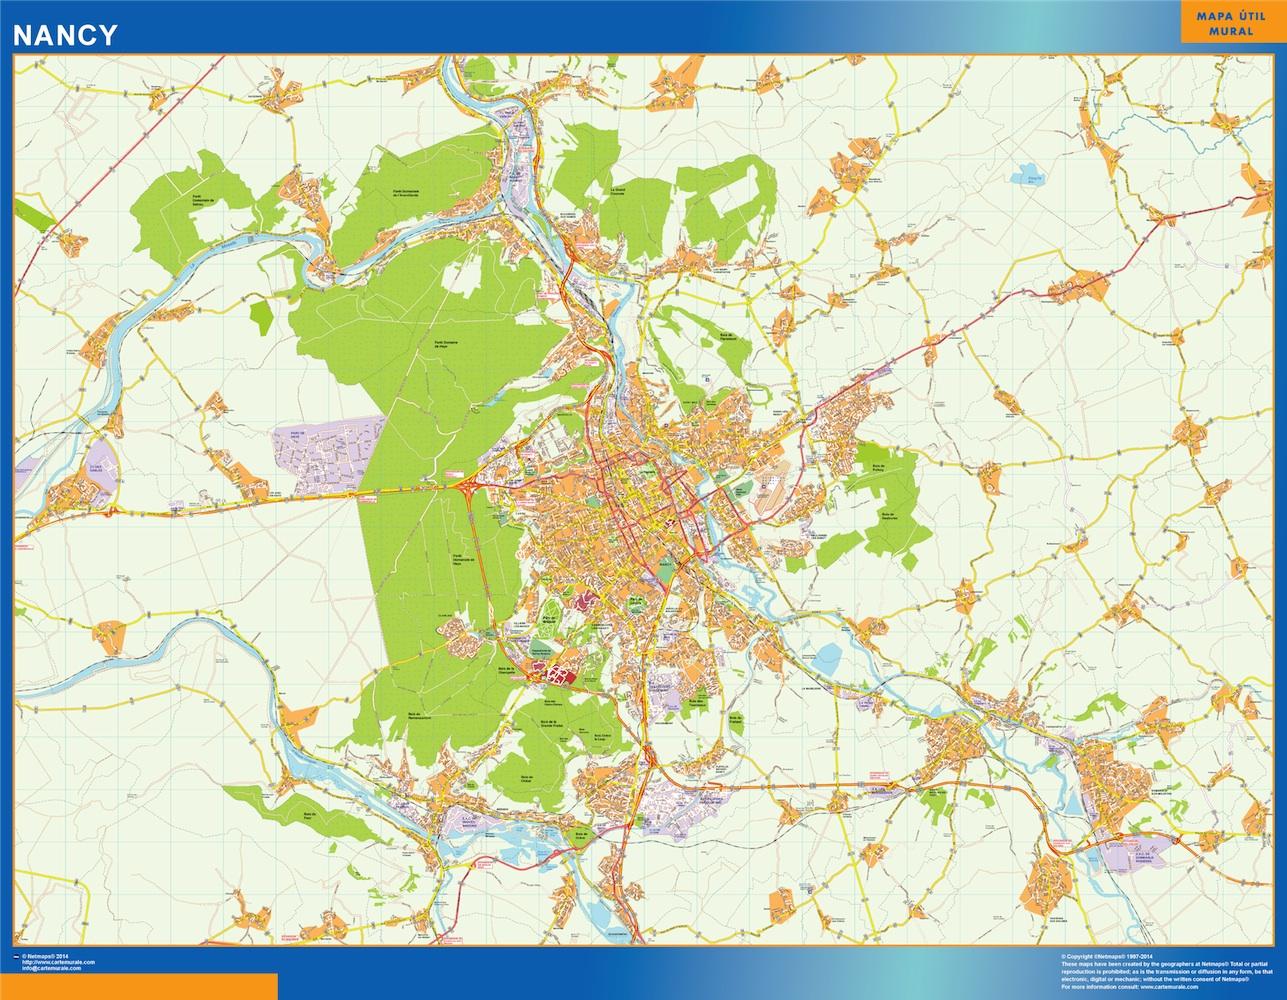 nancy map